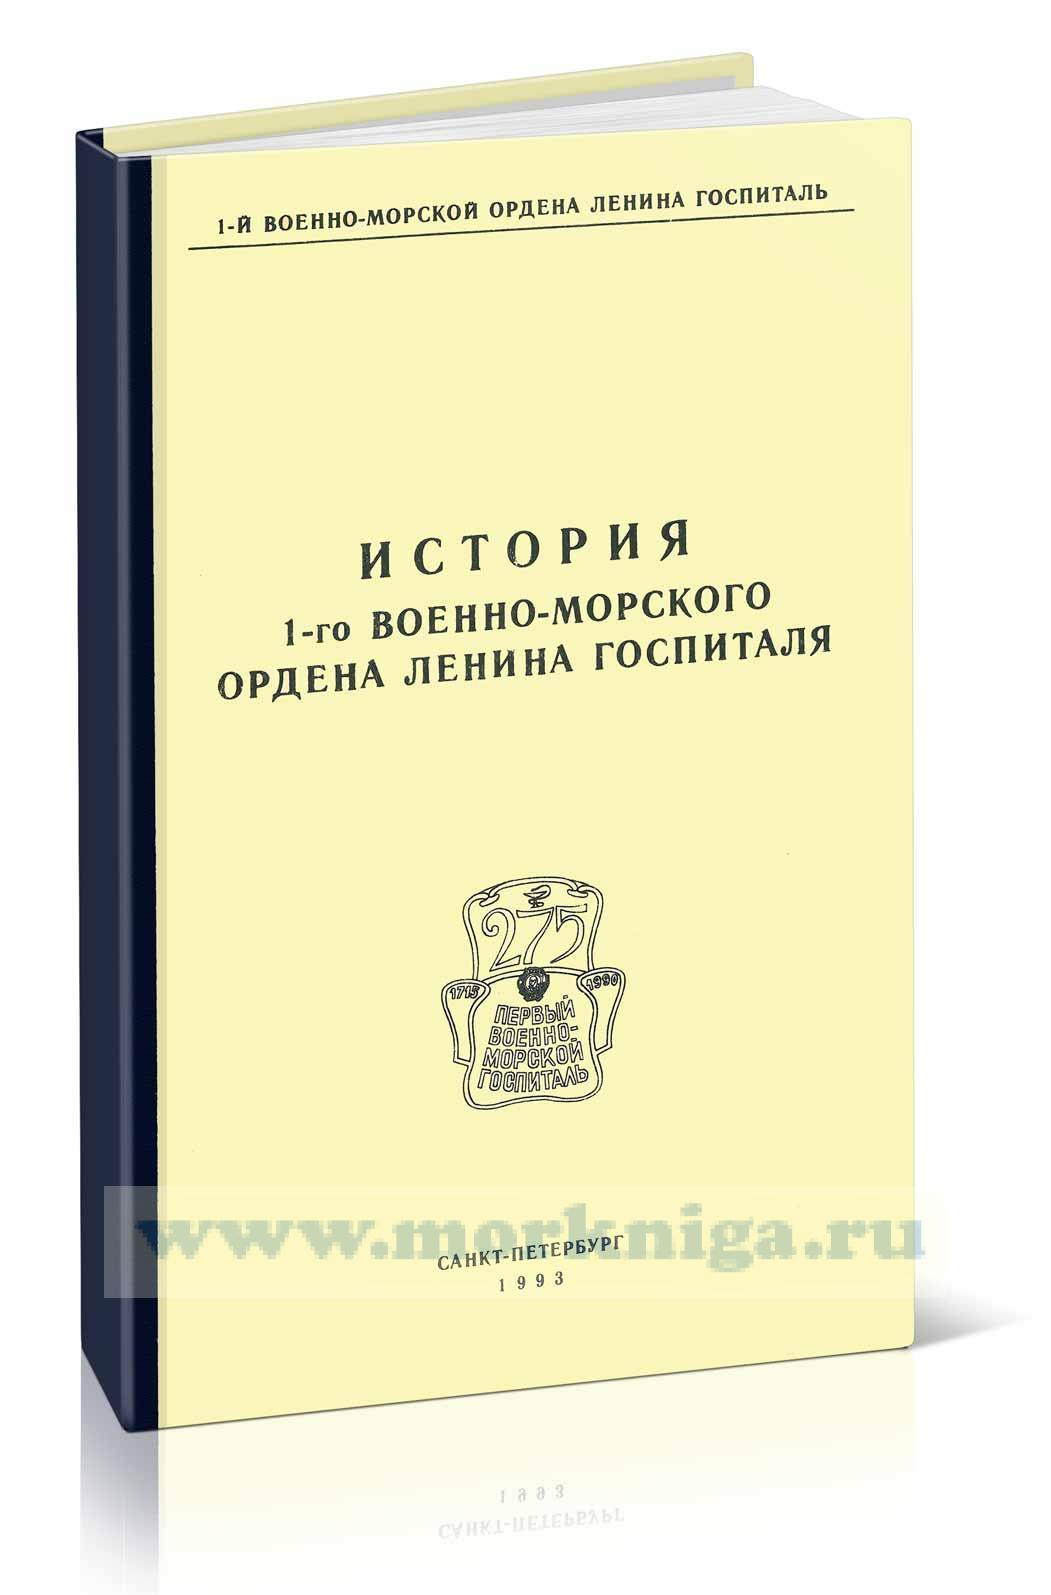 История 1-го Военно-морского ордена Ленина госпиталя